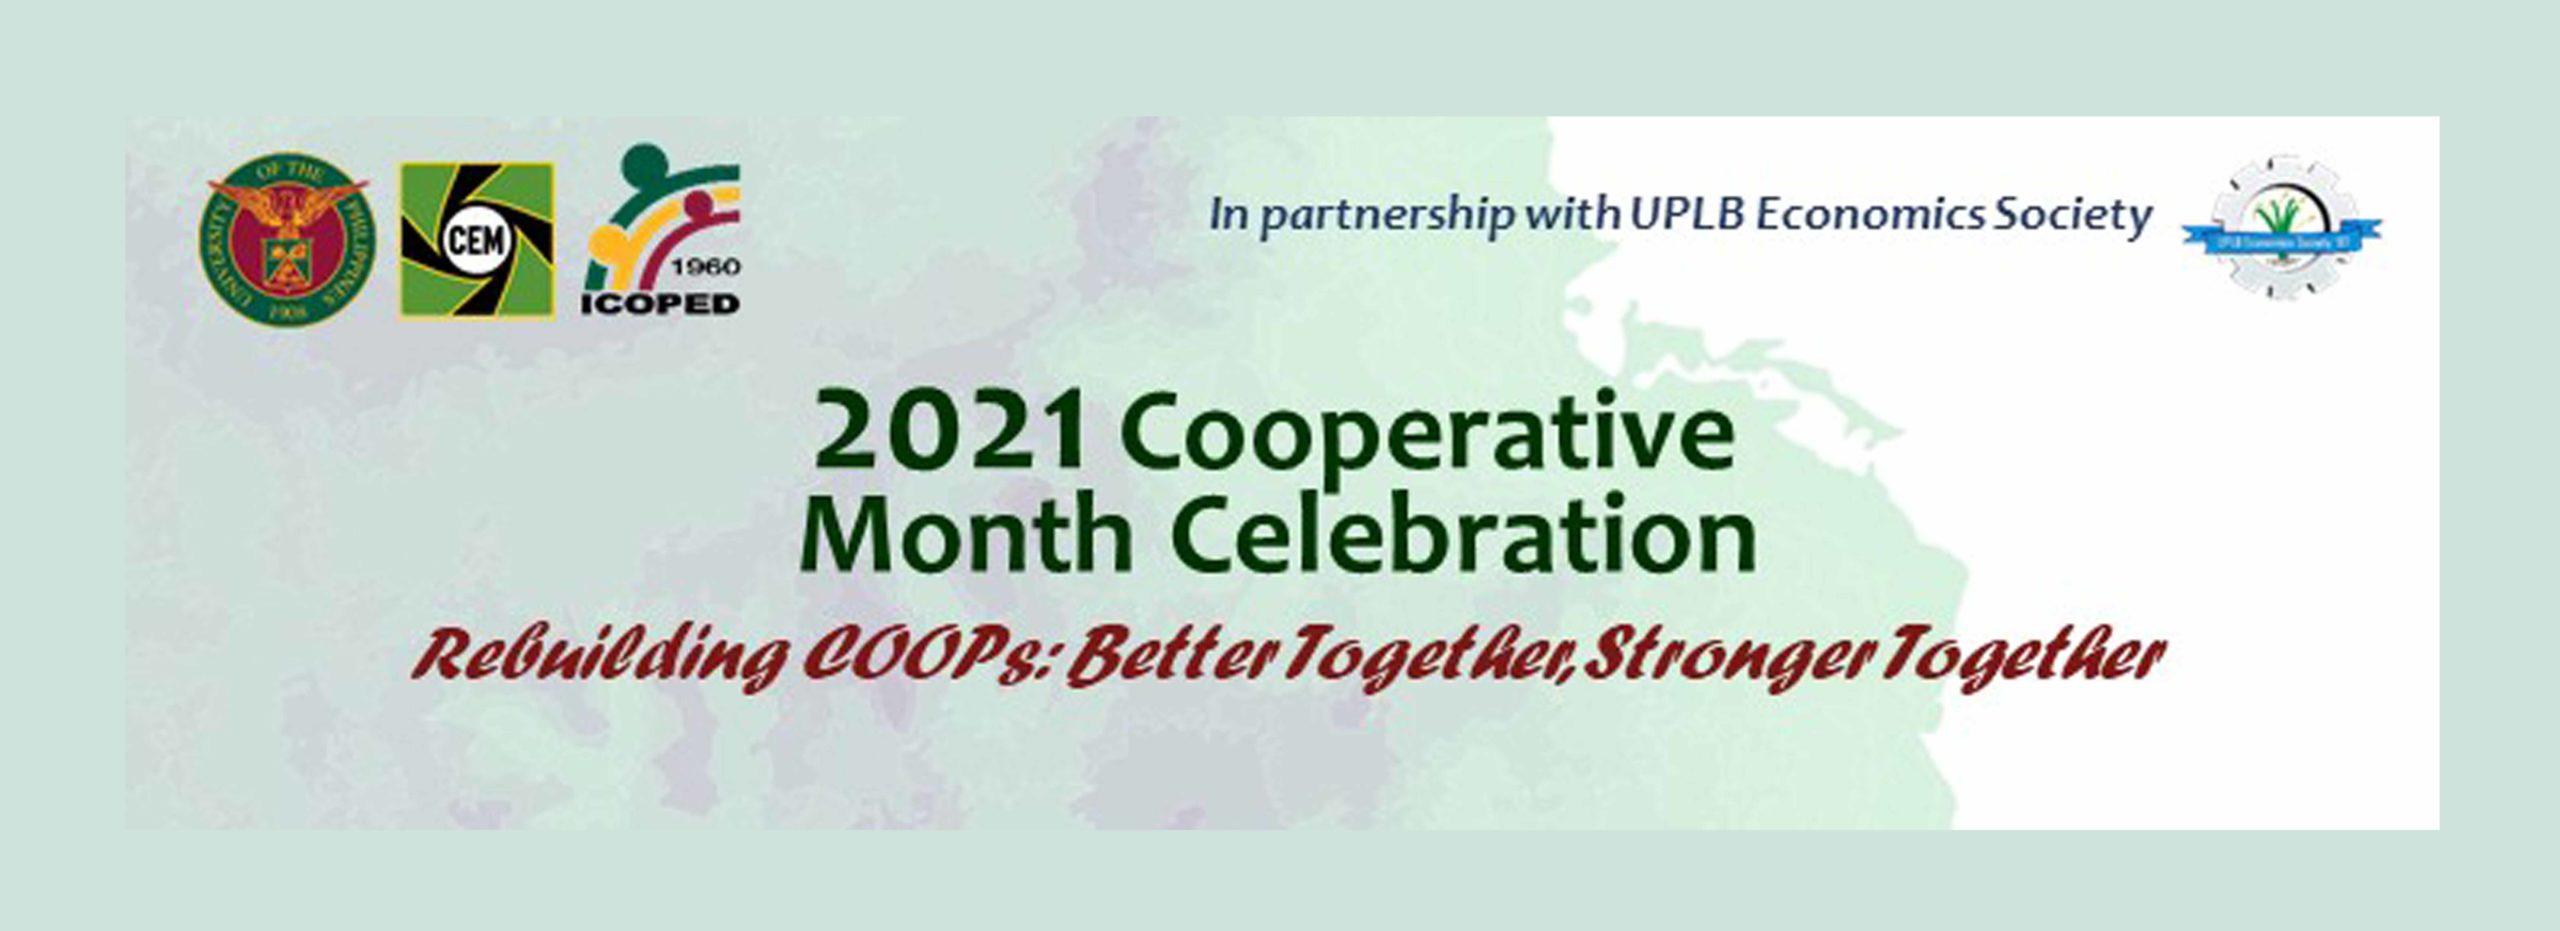 ICOPED 2021 Cooperative Month Celebration